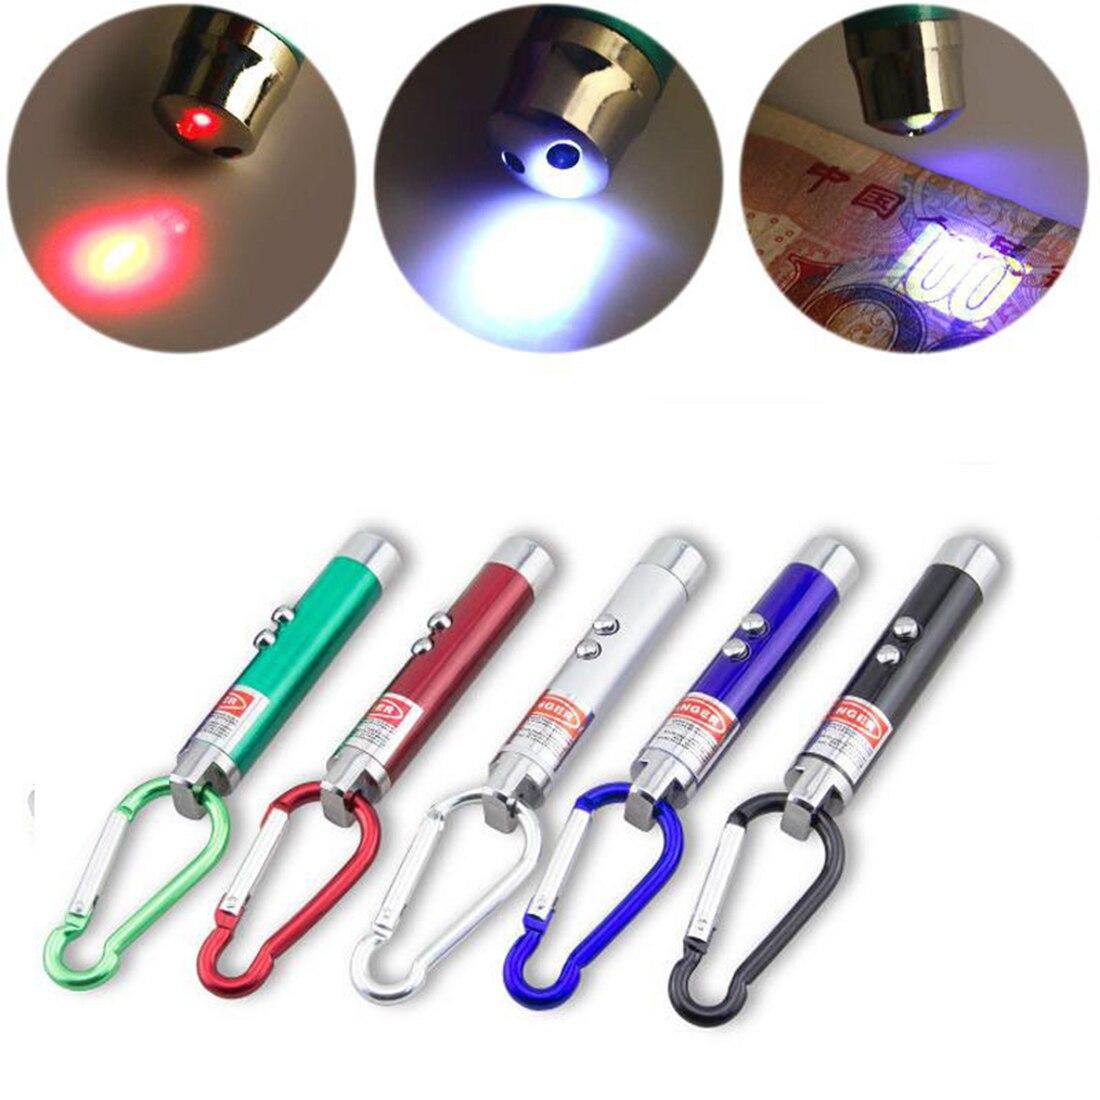 Etmakit 3 в 1 красная лазерная указка Pen фонарик детектор поддельных денег крюк для скалолазания ...